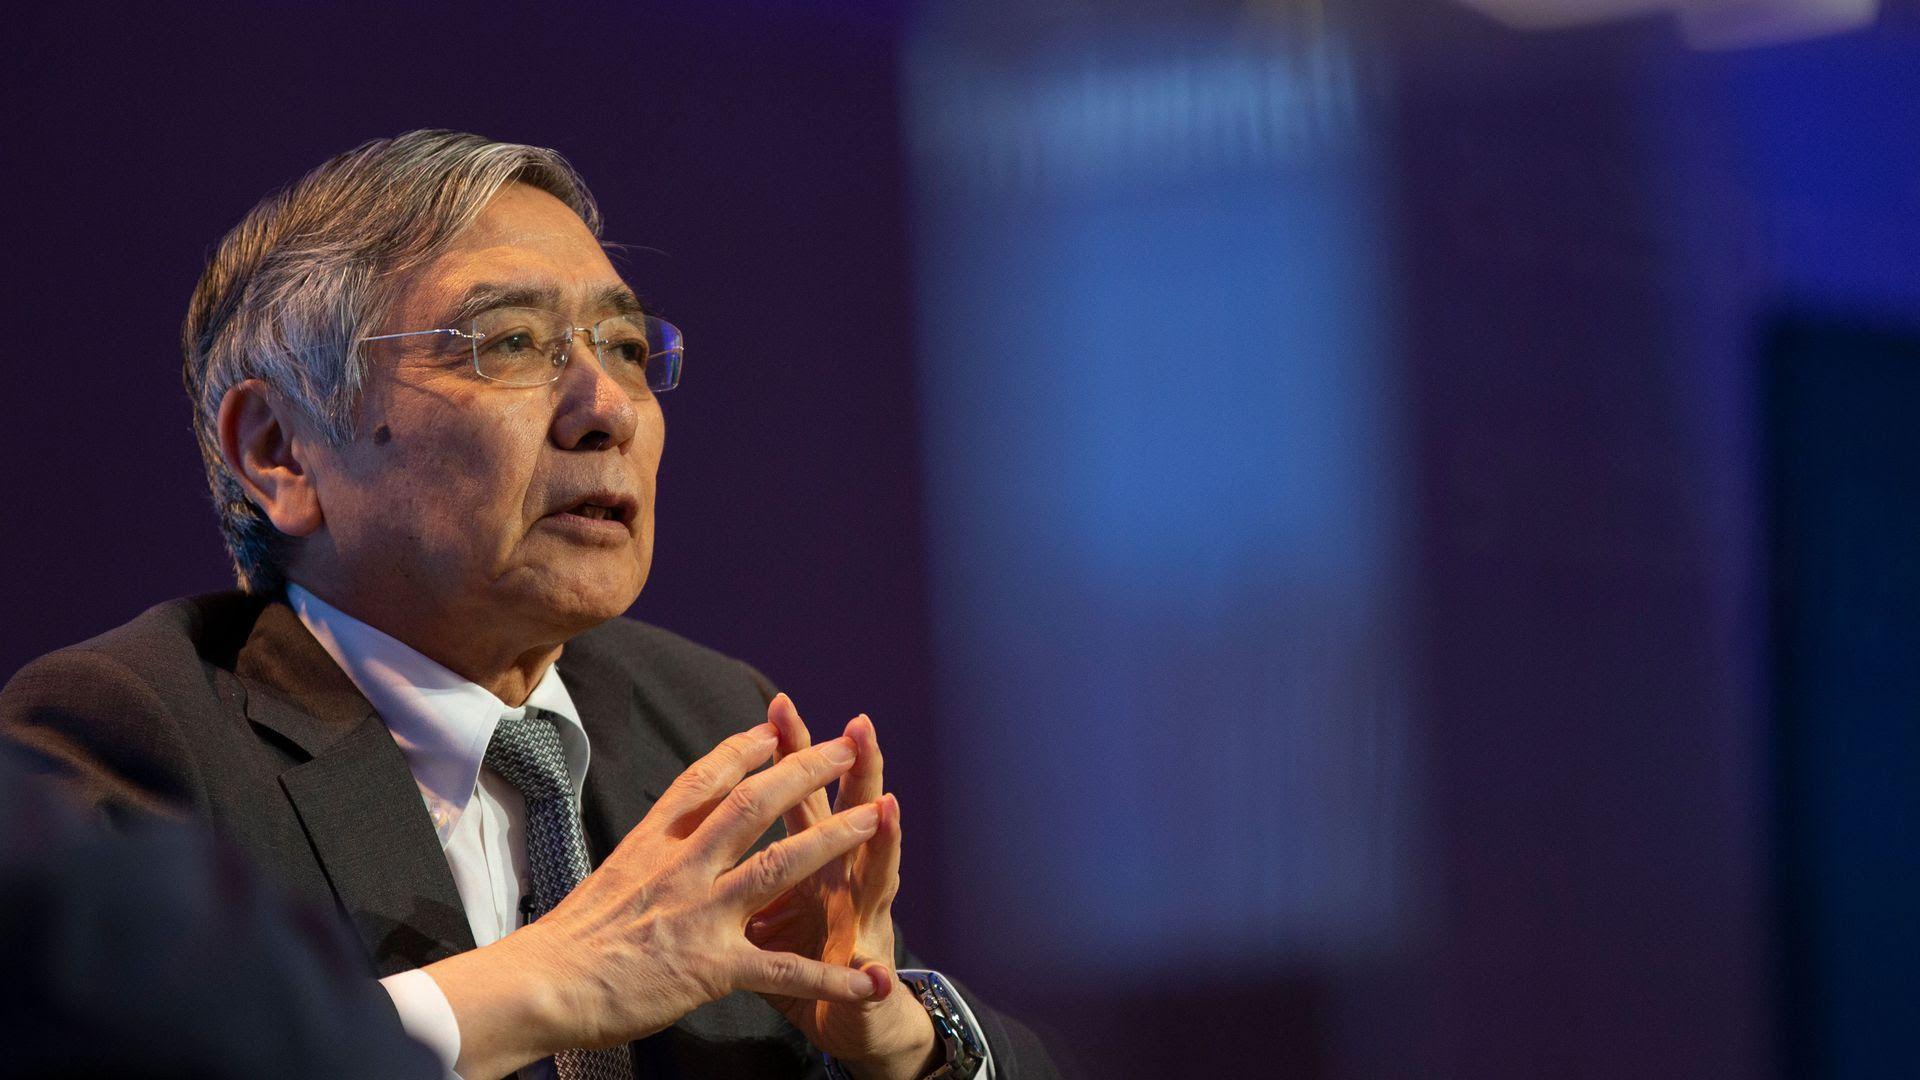 Bank of Japan Governor Haruhiko Kuroda. Photo: Alastair Pike /AFP/Getty Images